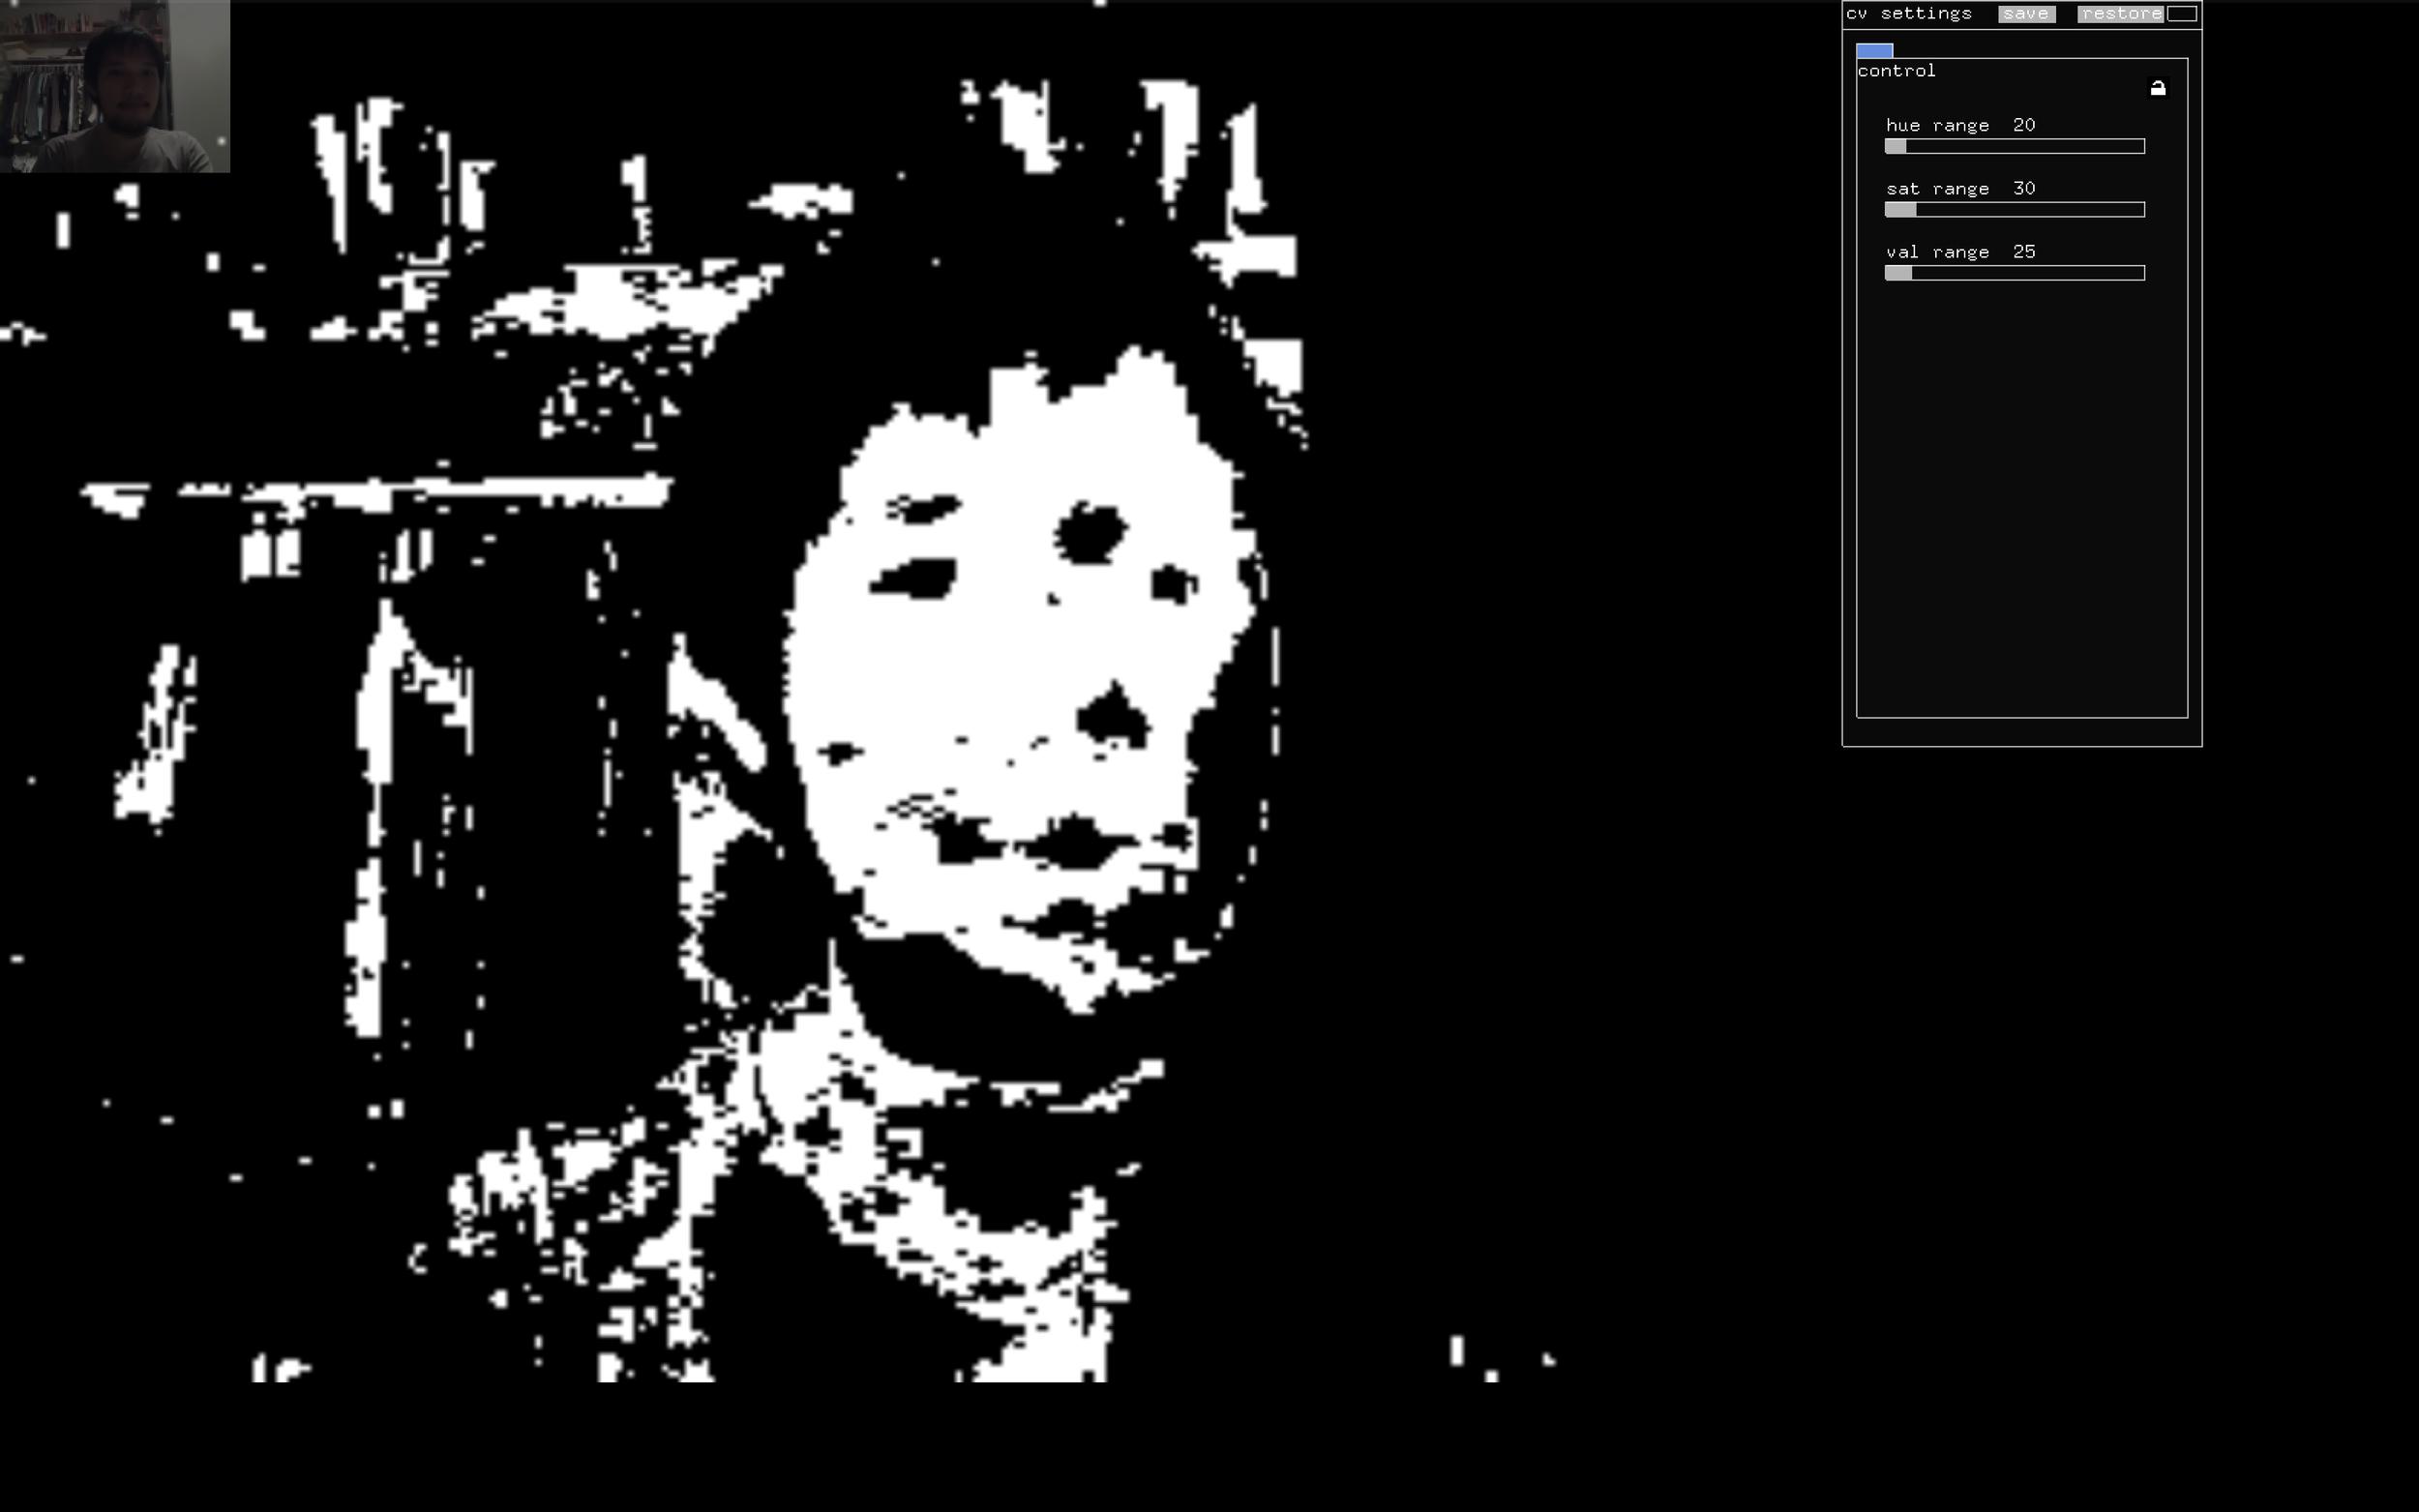 Screen Shot 2013-04-09 at 4.52.34 AM.png